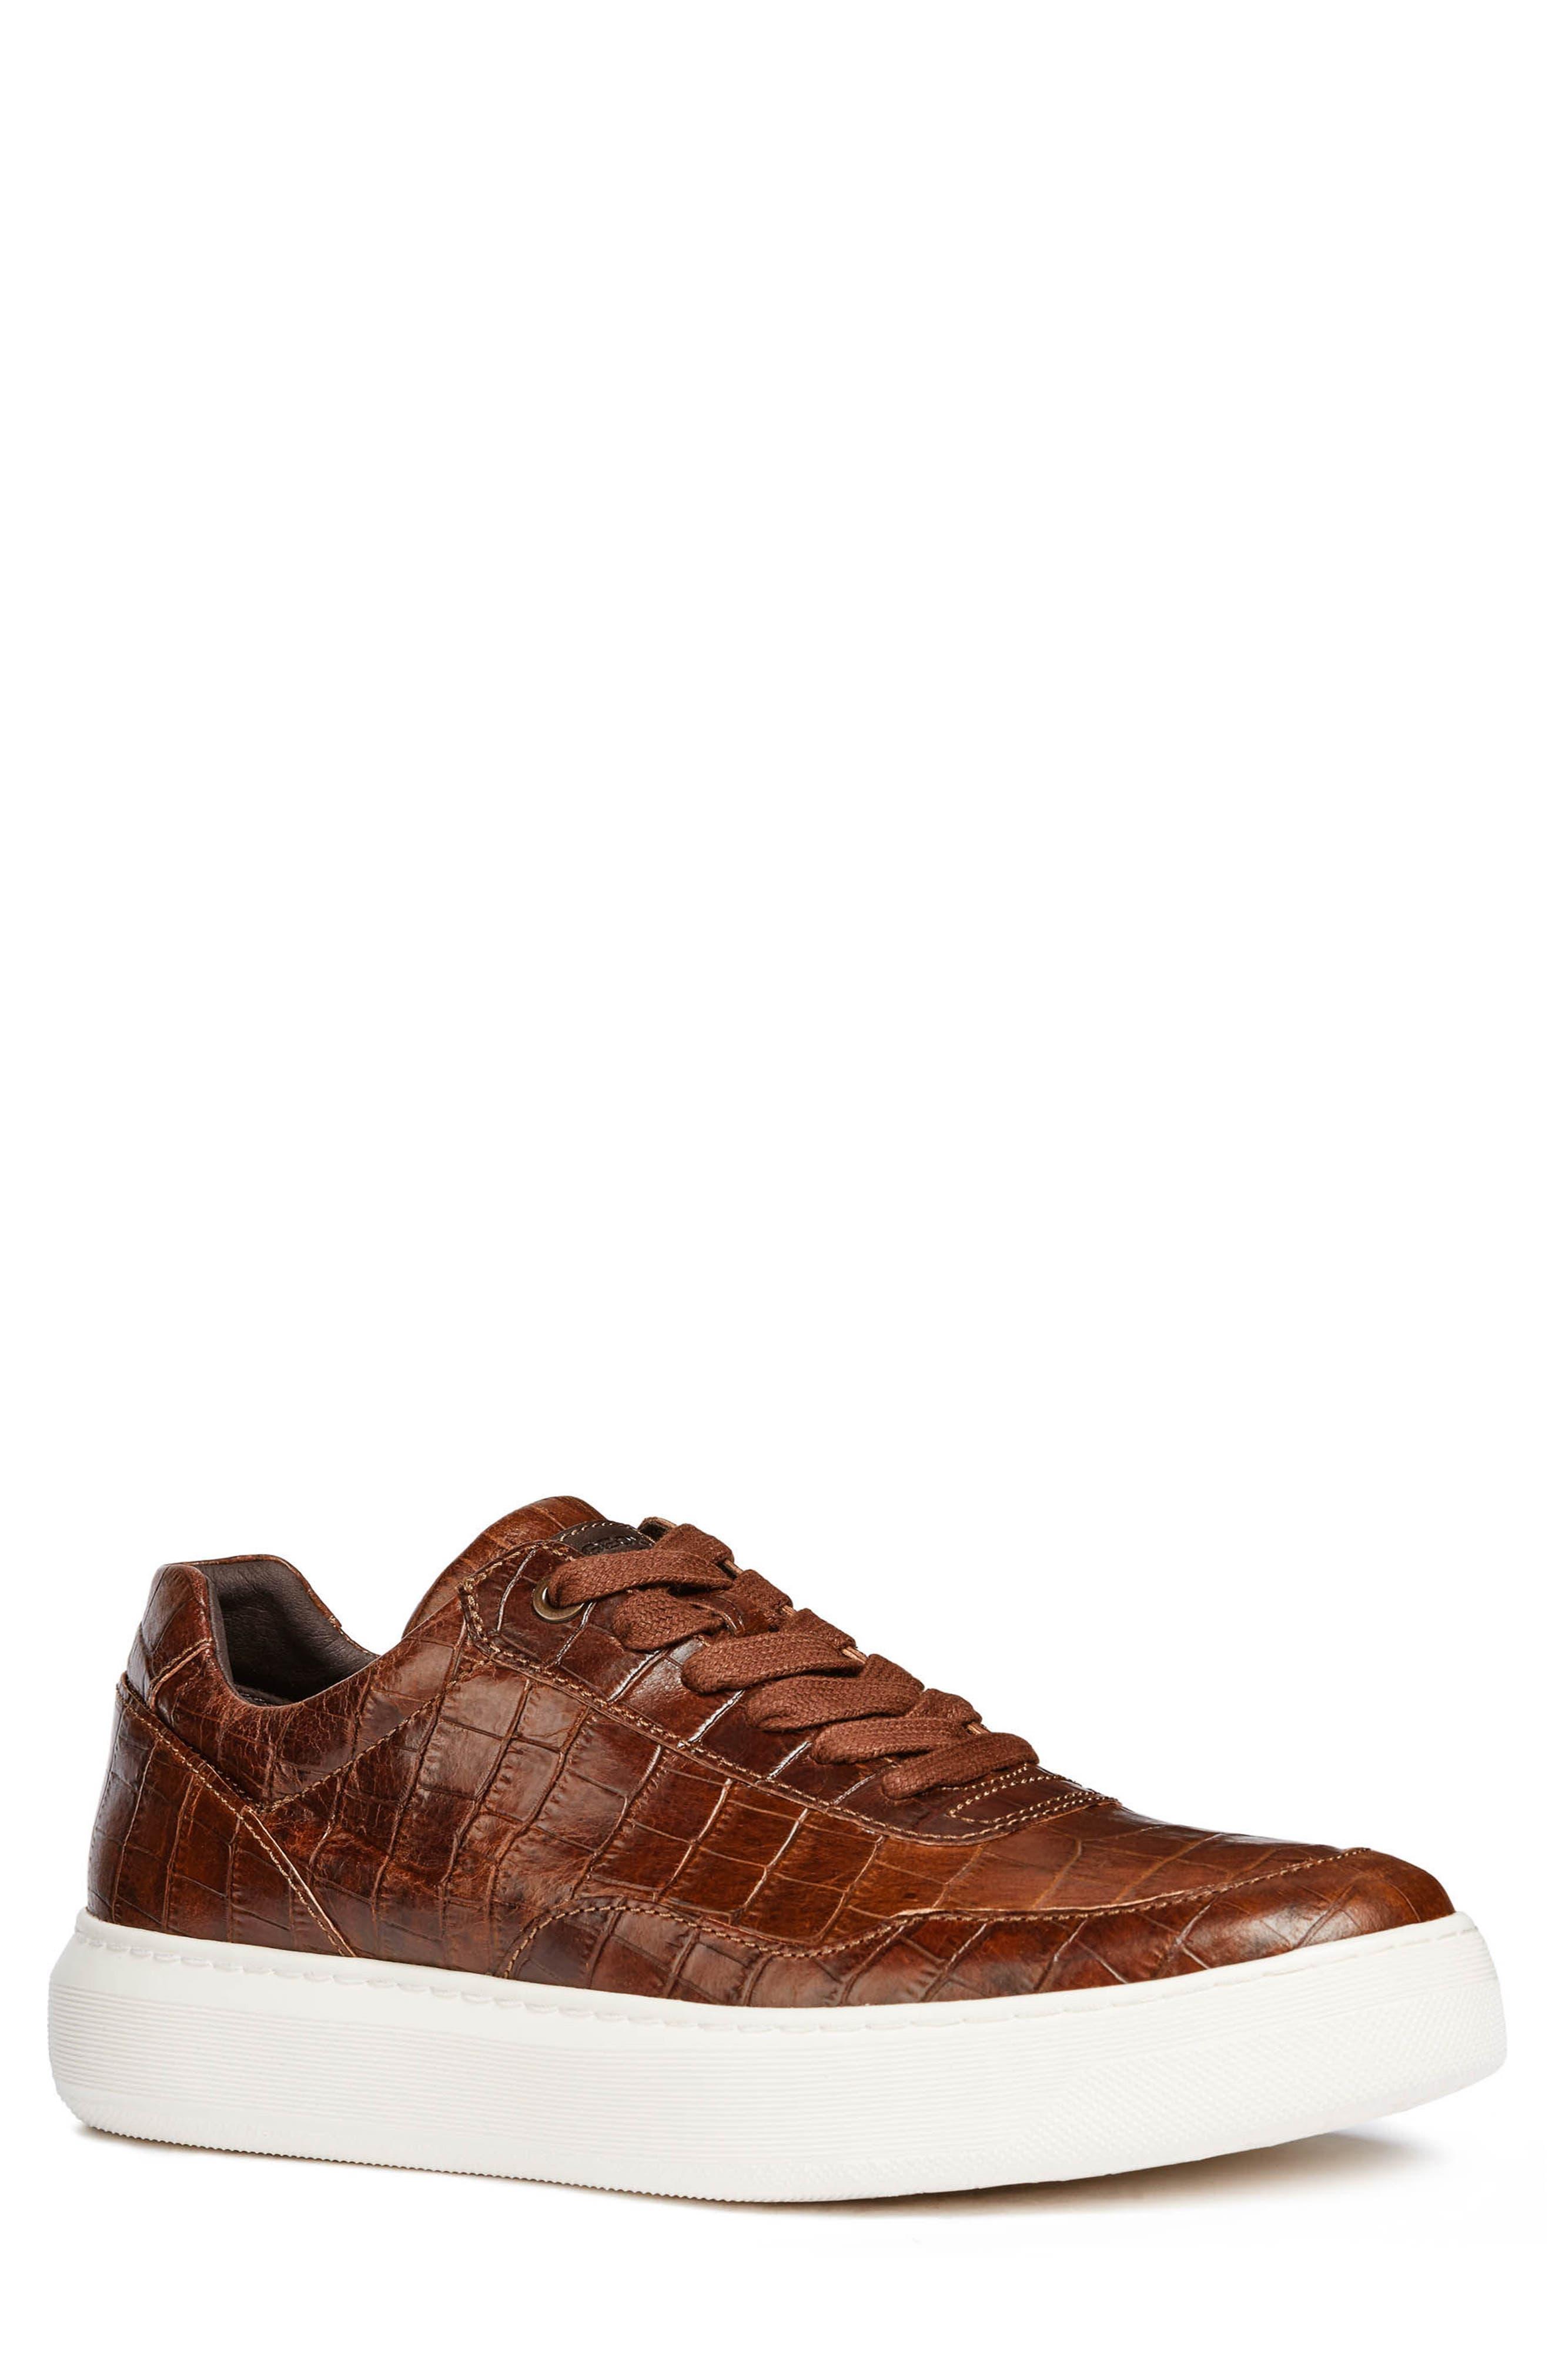 Geox Deiven 8 Croc Textured Low Top Sneaker, Brown